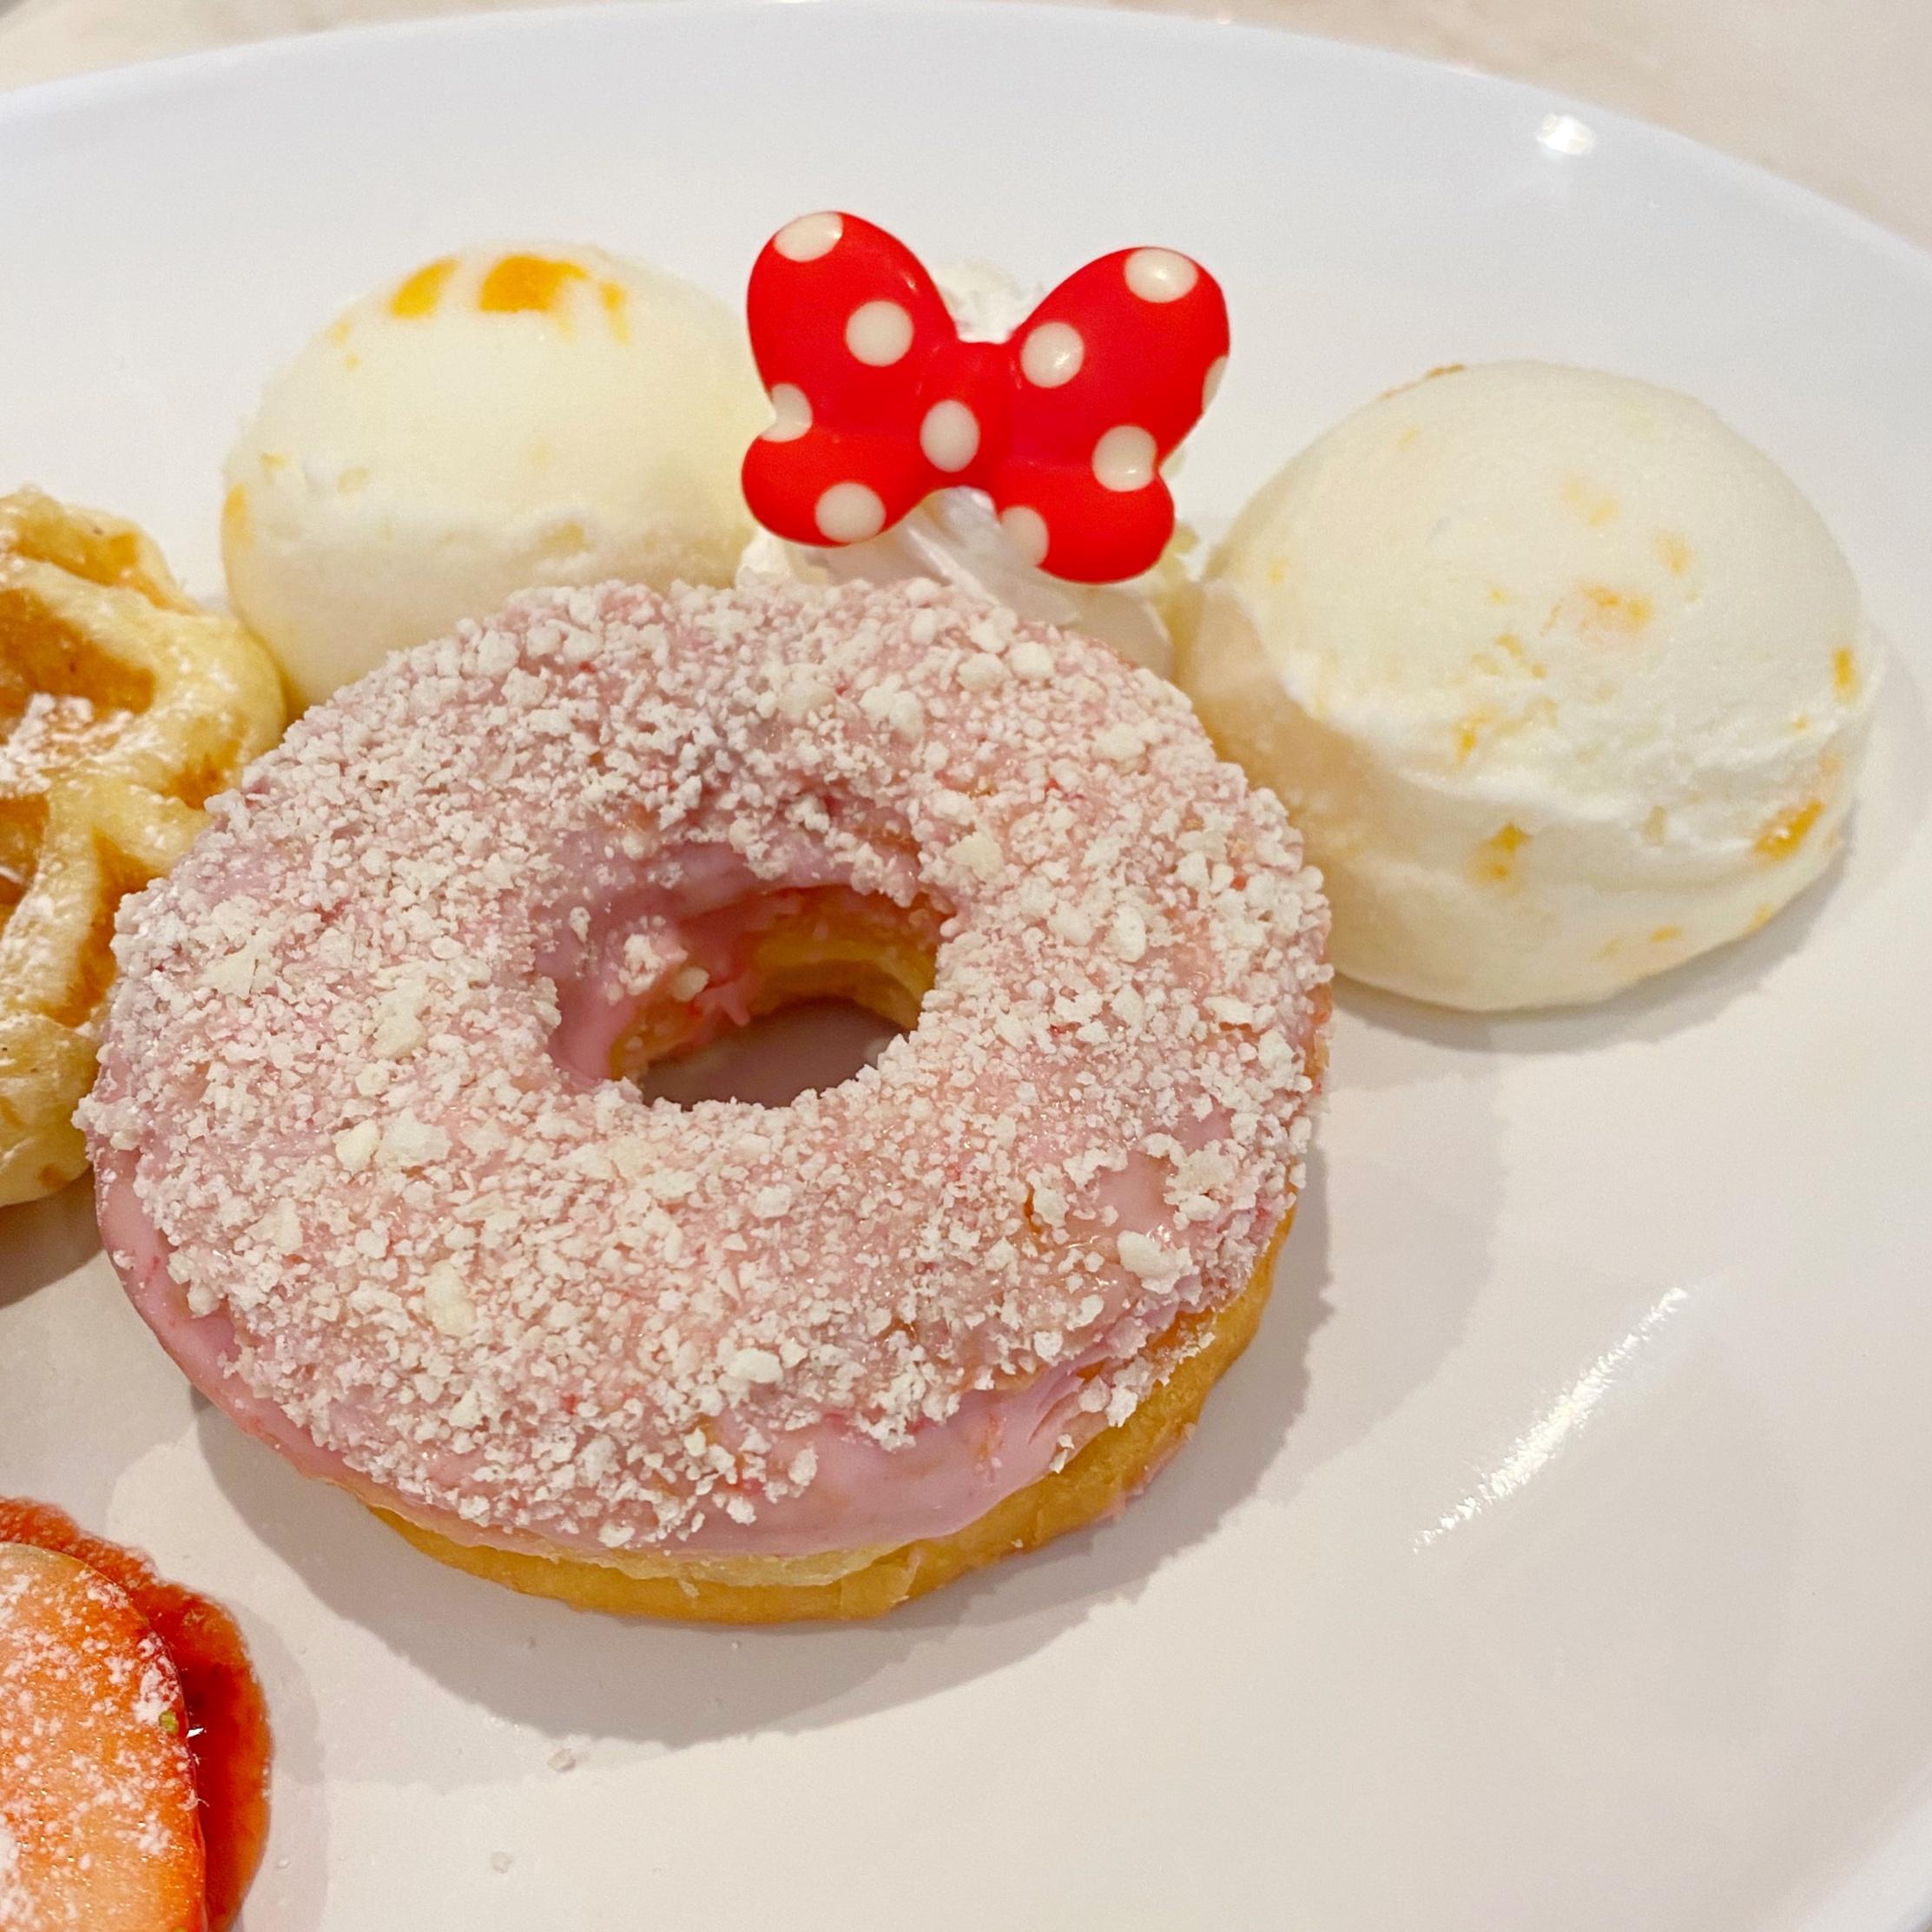 ディズニーランドに行ったら必ず食べたい!可愛すぎる限定スイーツ❤︎_2